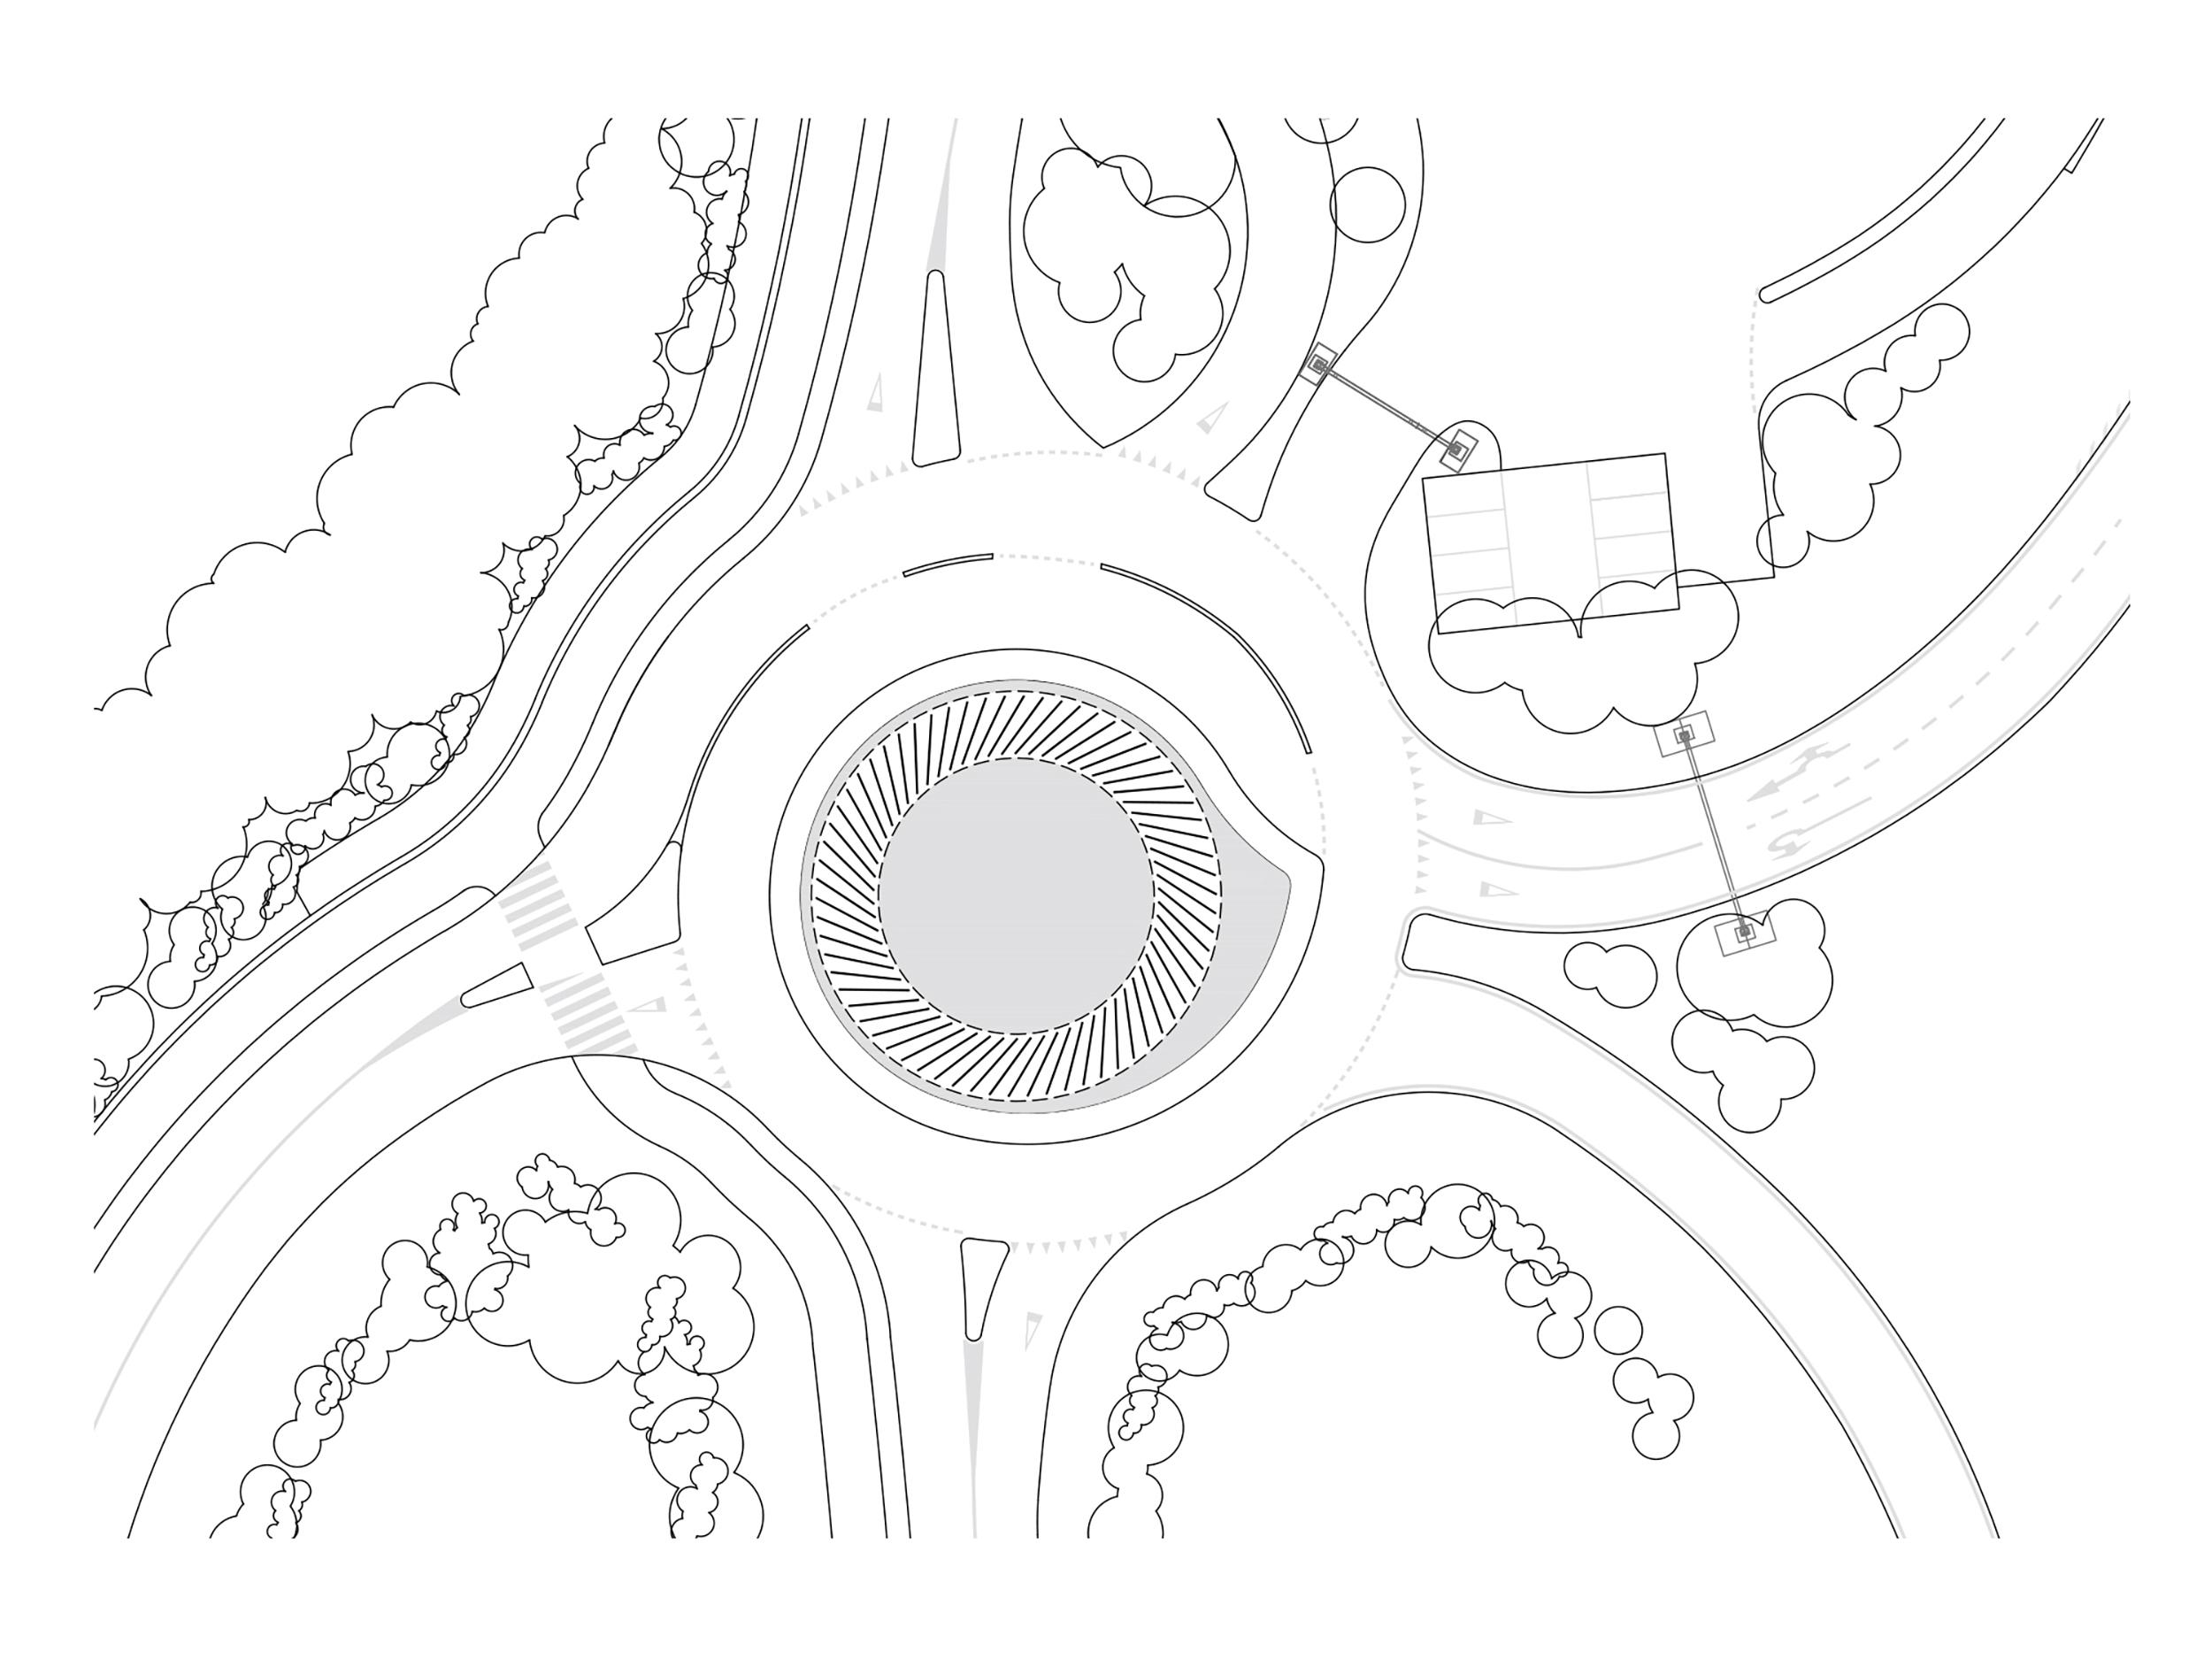 obvoznica ljubljana roundabout interactivno krožišče